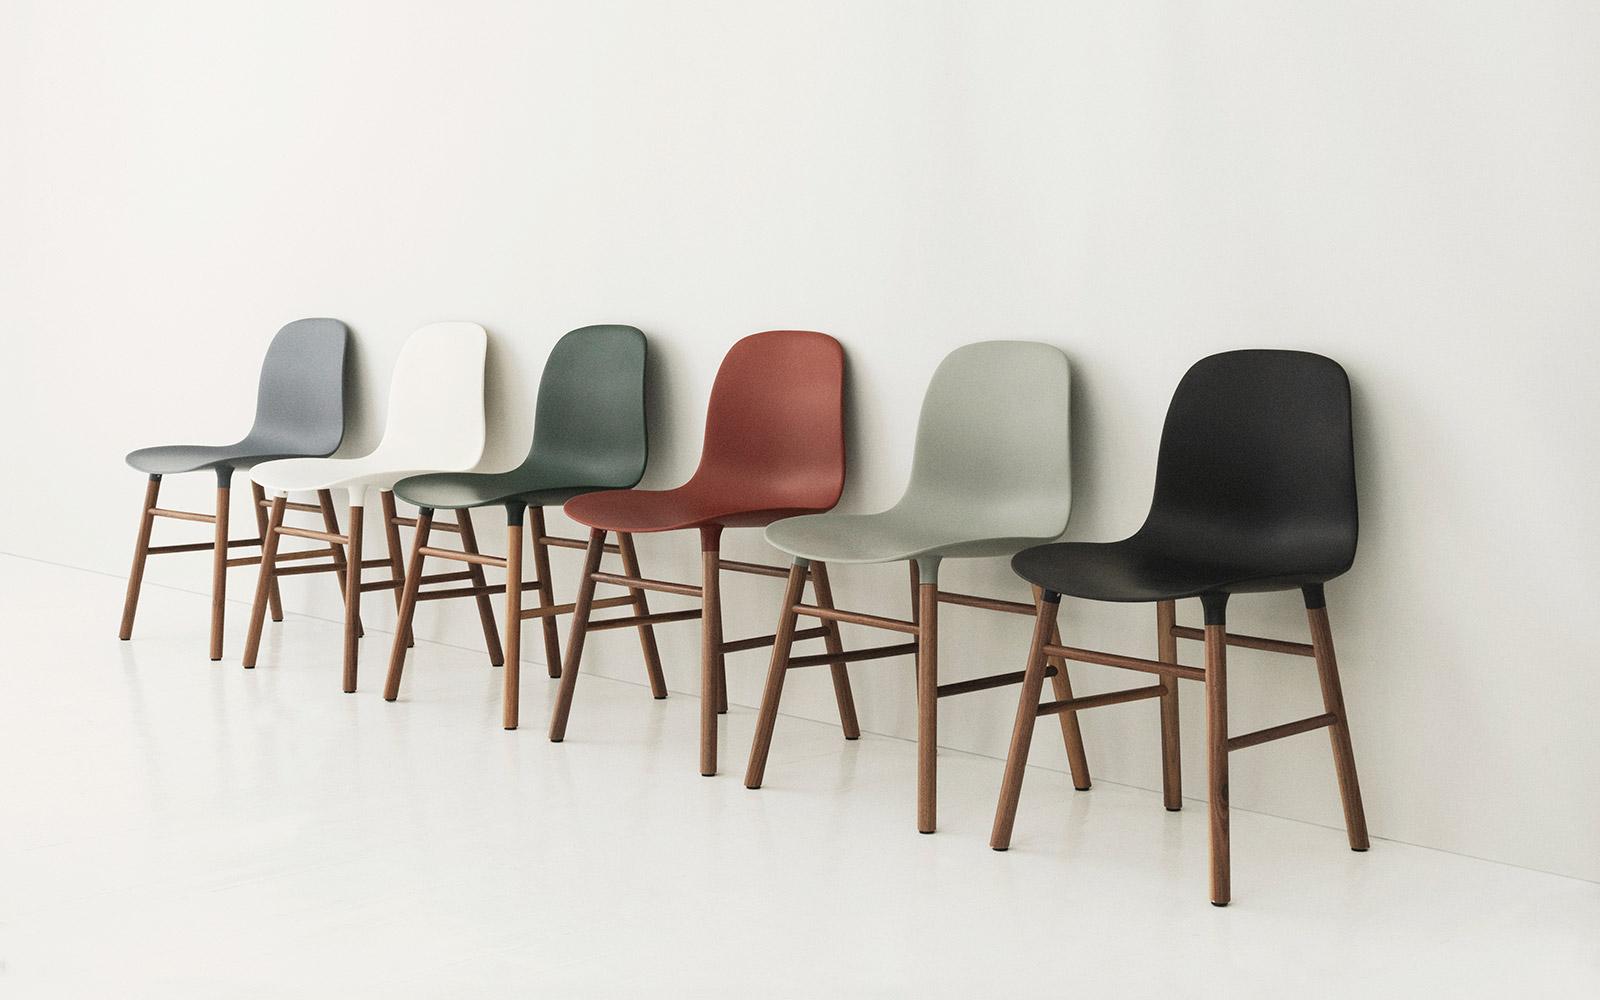 form chair grey oak. Black Bedroom Furniture Sets. Home Design Ideas